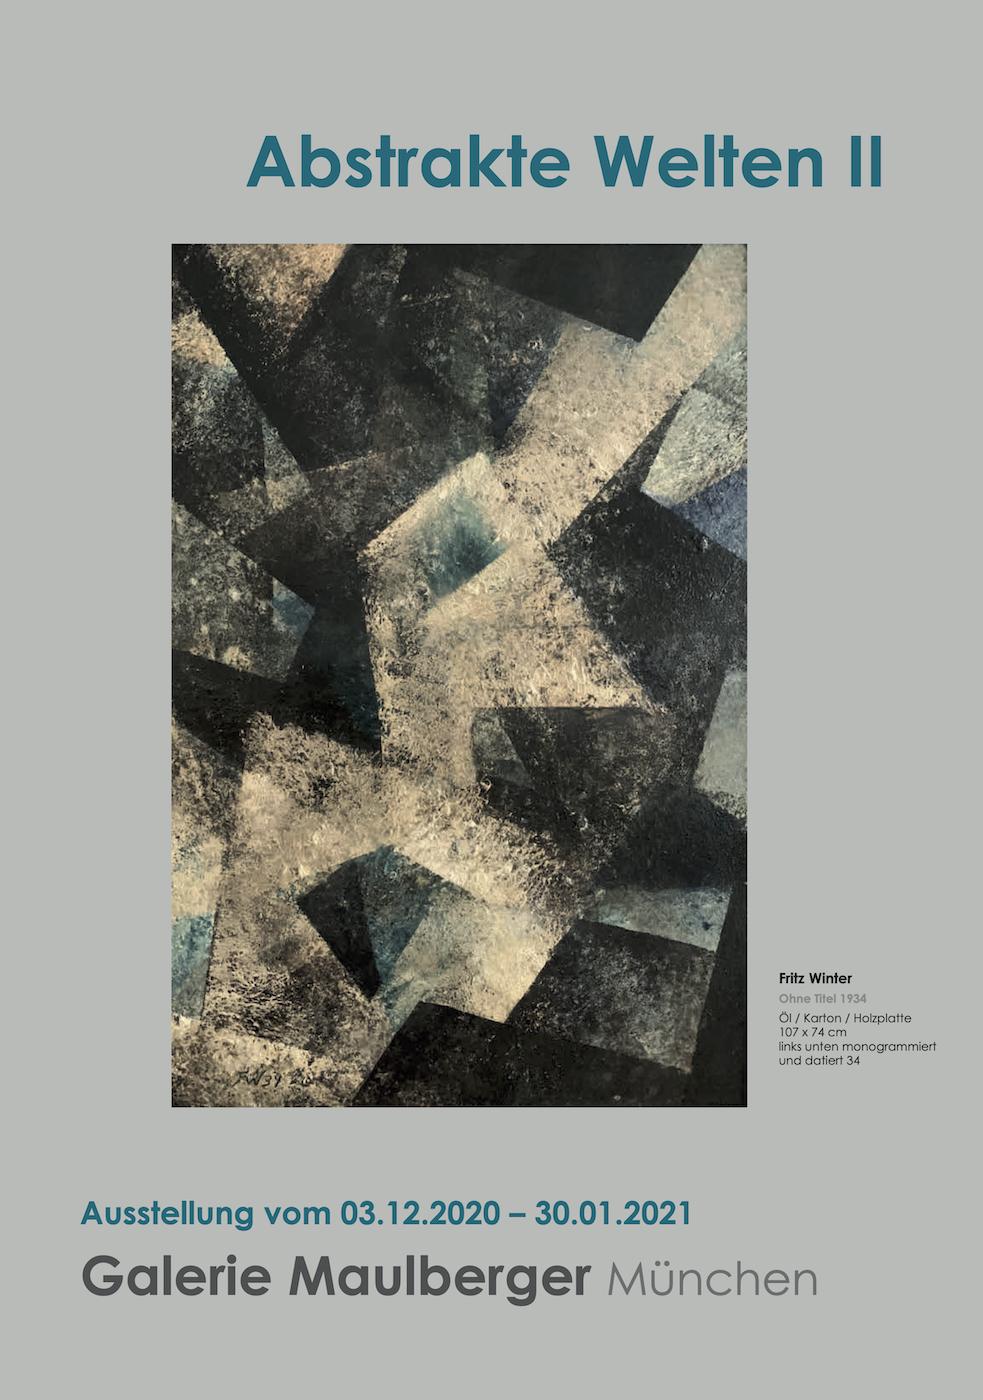 Einladungskarte Ausstellung Abstrakte Welten II 2020/2021 Galerie Maulberger 01